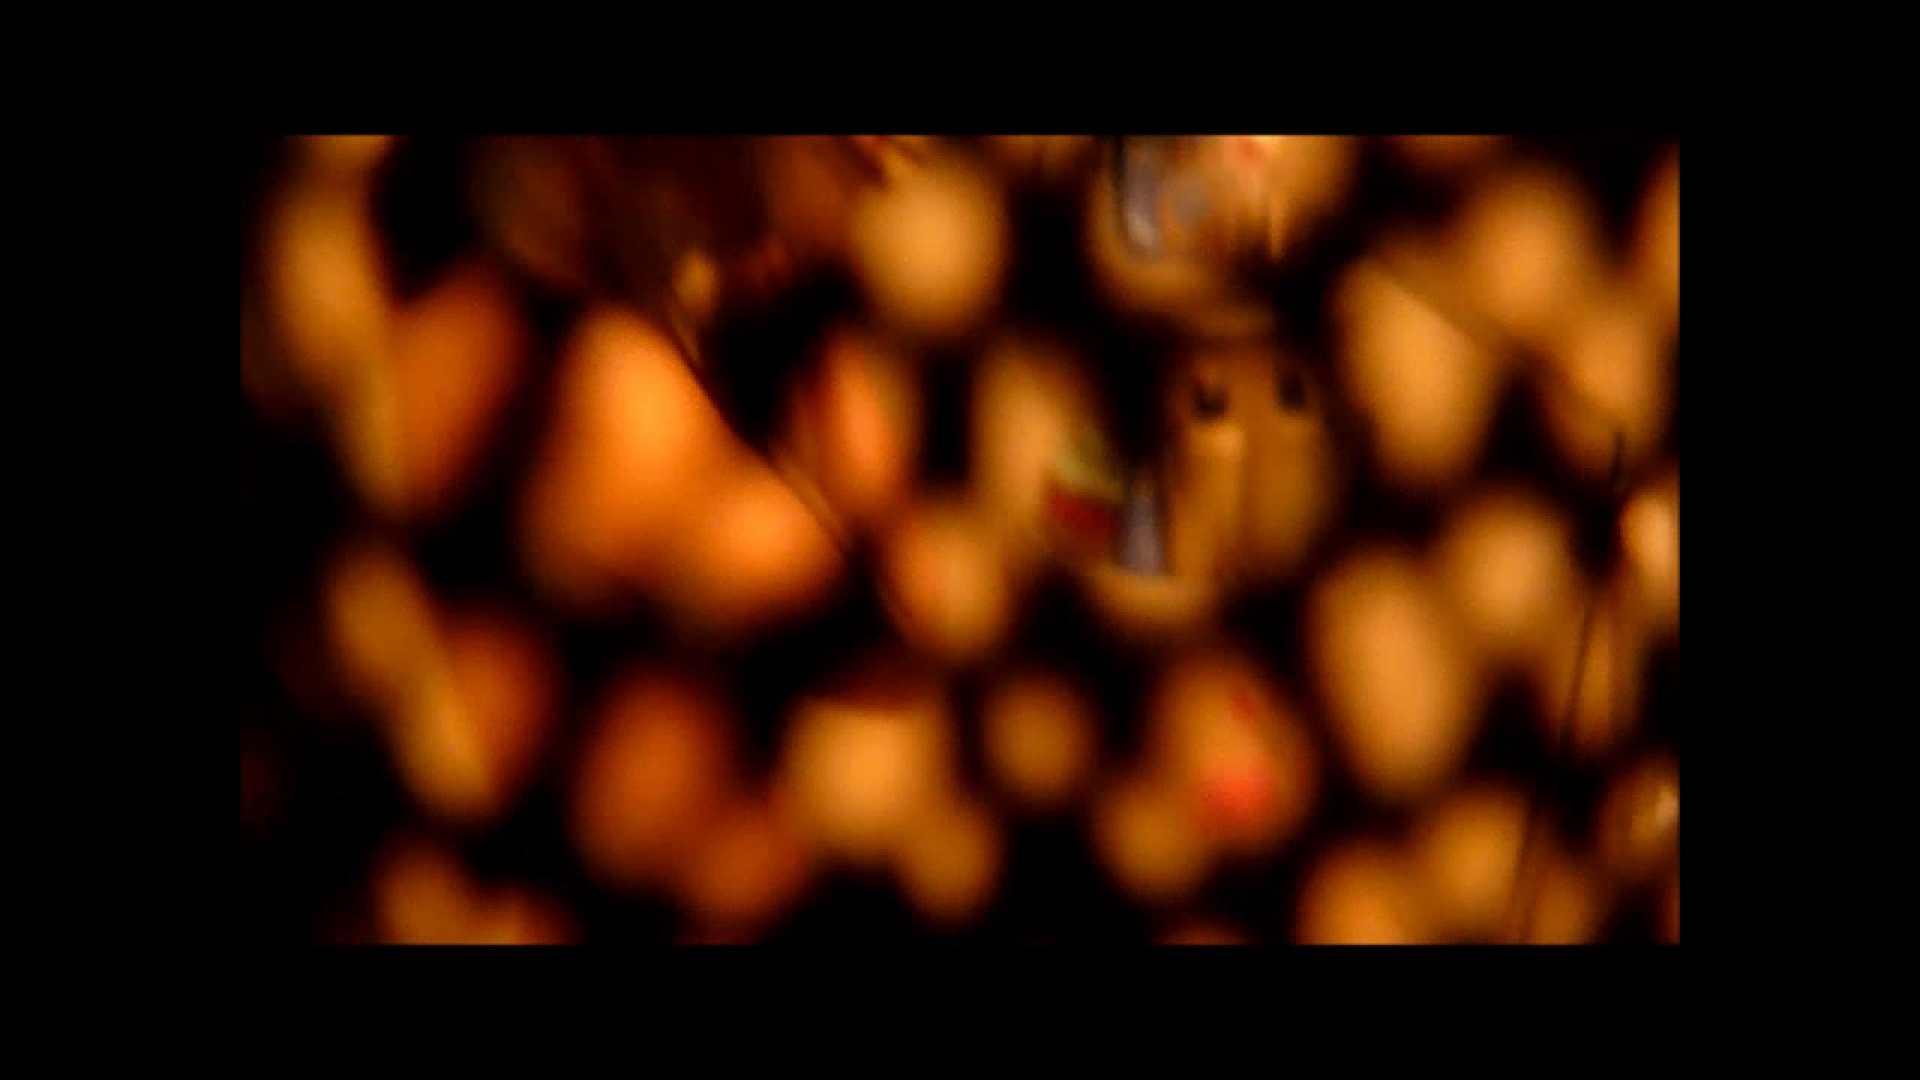 【02】ベランダに侵入して張り込みを始めて・・・やっと結果が出ました。 現役ギャル セックス無修正動画無料 79pic 12